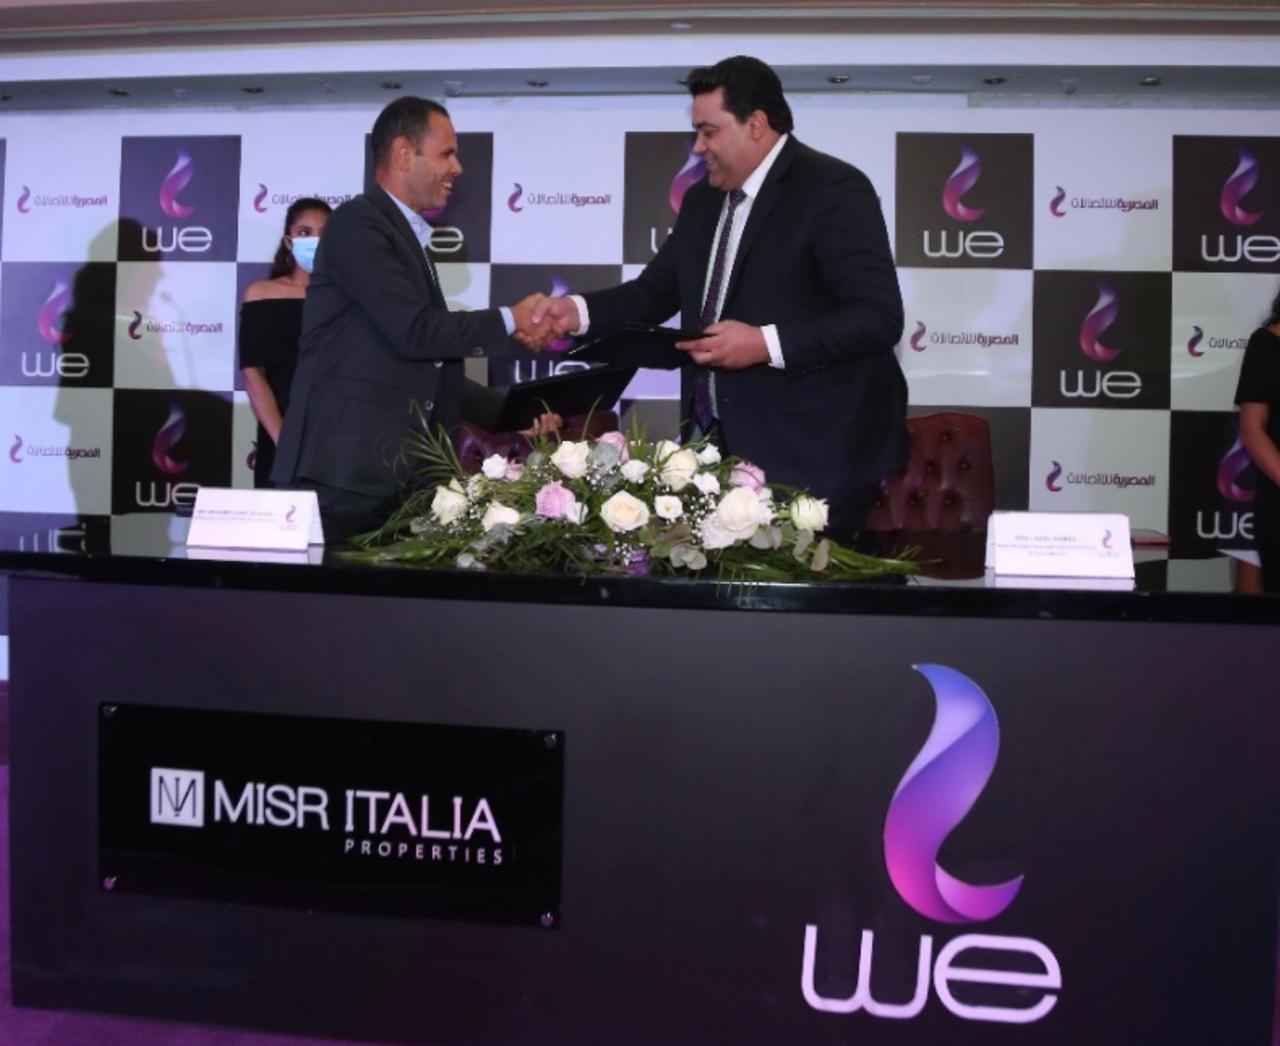 """""""المصرية للاتصالات"""" توقع بروتوكول تعاون مع """"مصر ايطاليا العقارية"""" لتقديم خدمات الاتصالات المتكاملة في مشروعاتها"""